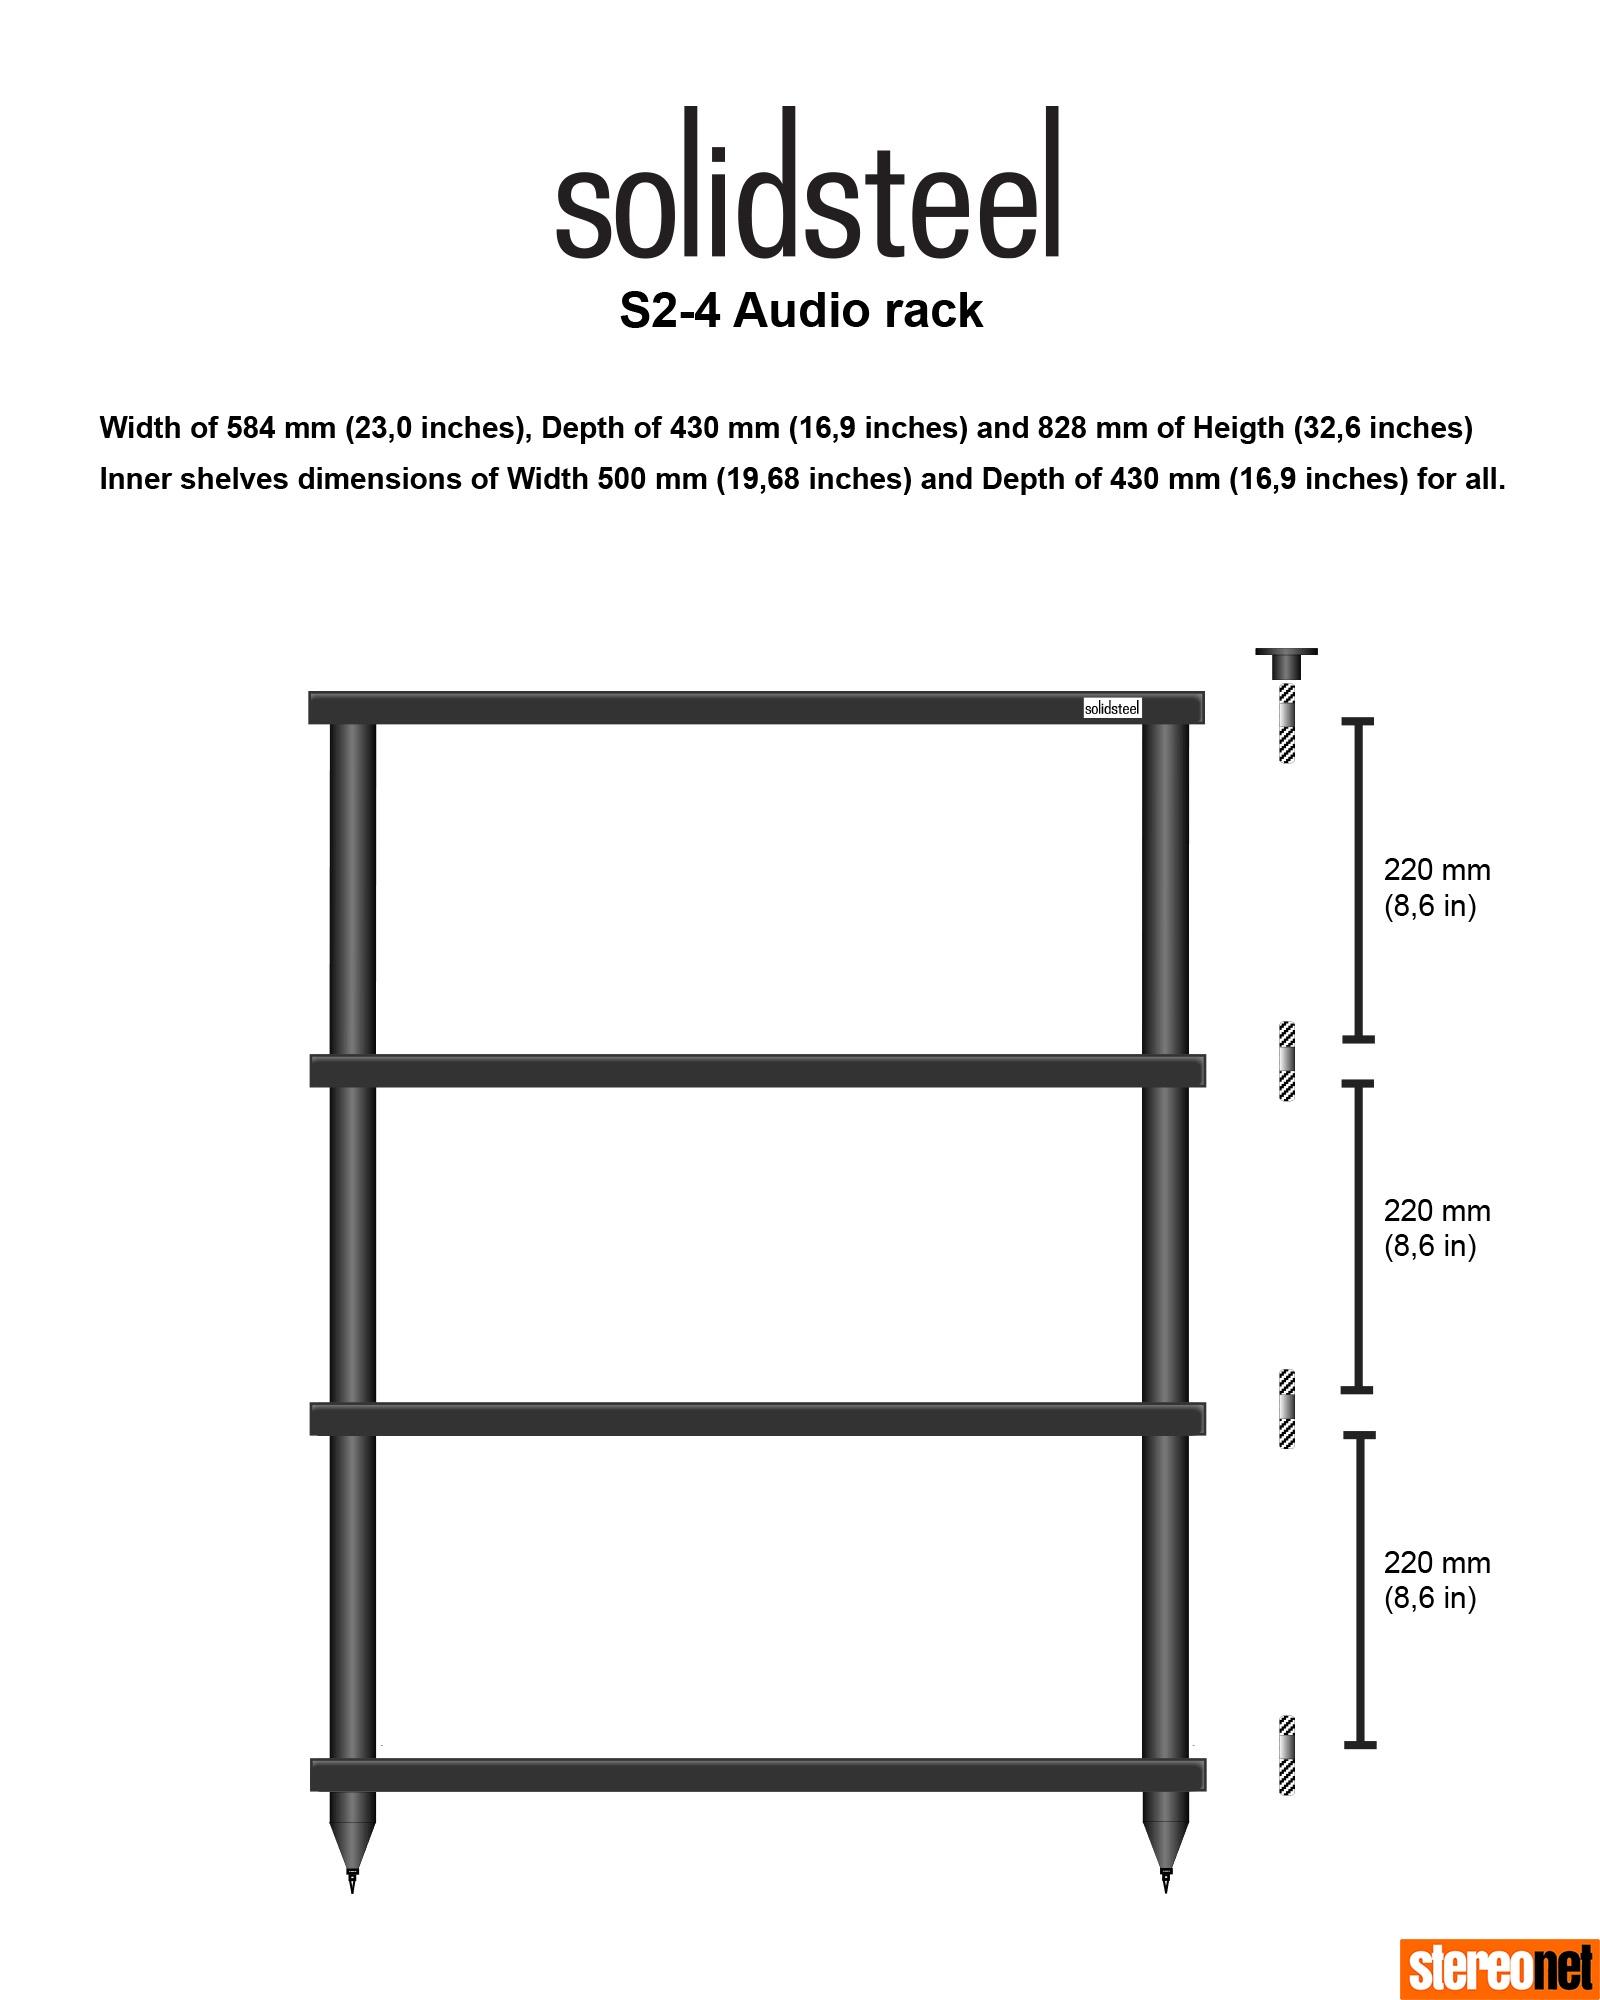 Solidsteel S2-4 review